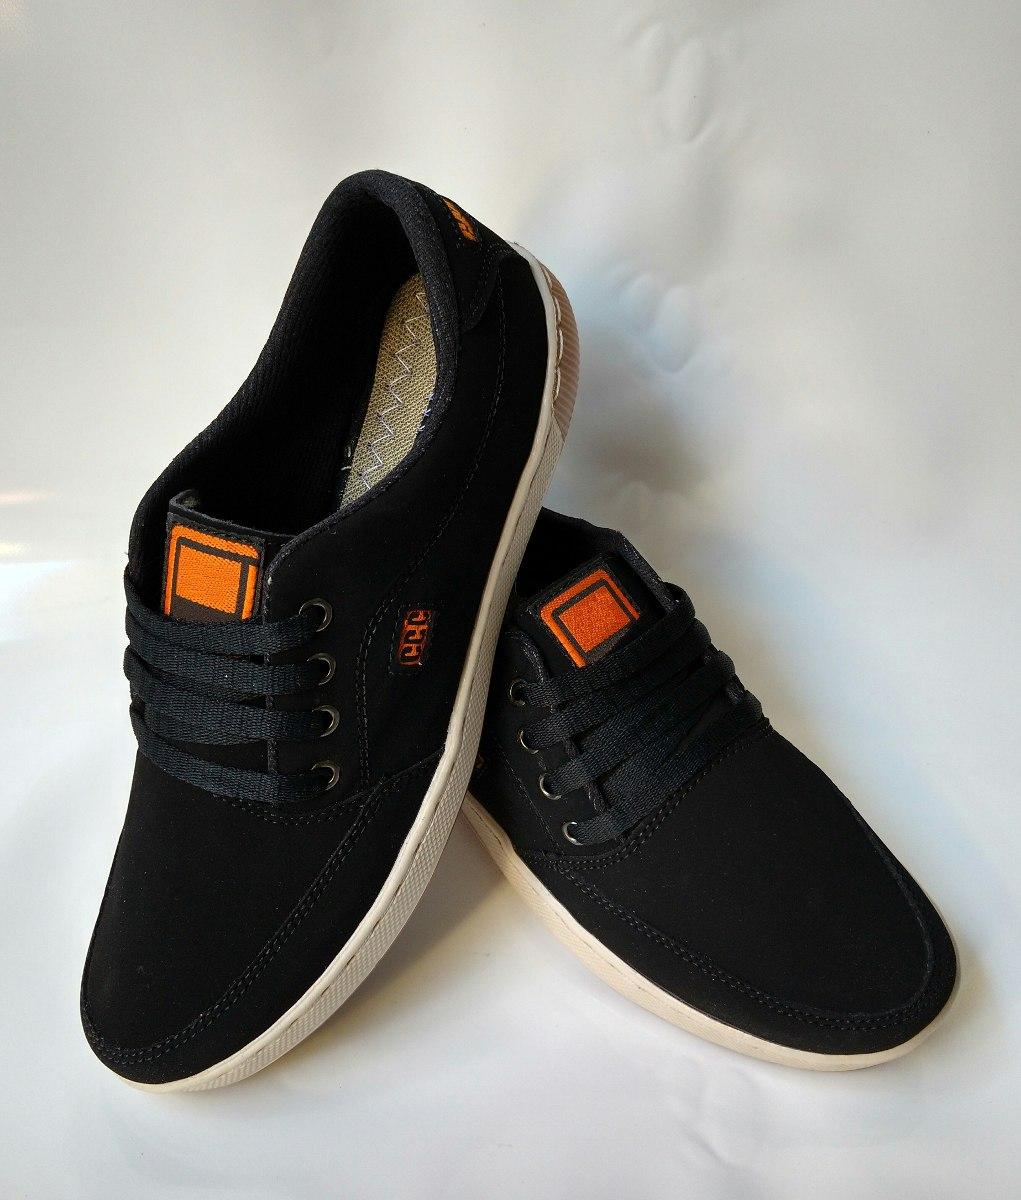 21d71f15d2e calzado para hombre y jovenes color negro moda envio gratis. Cargando zoom.